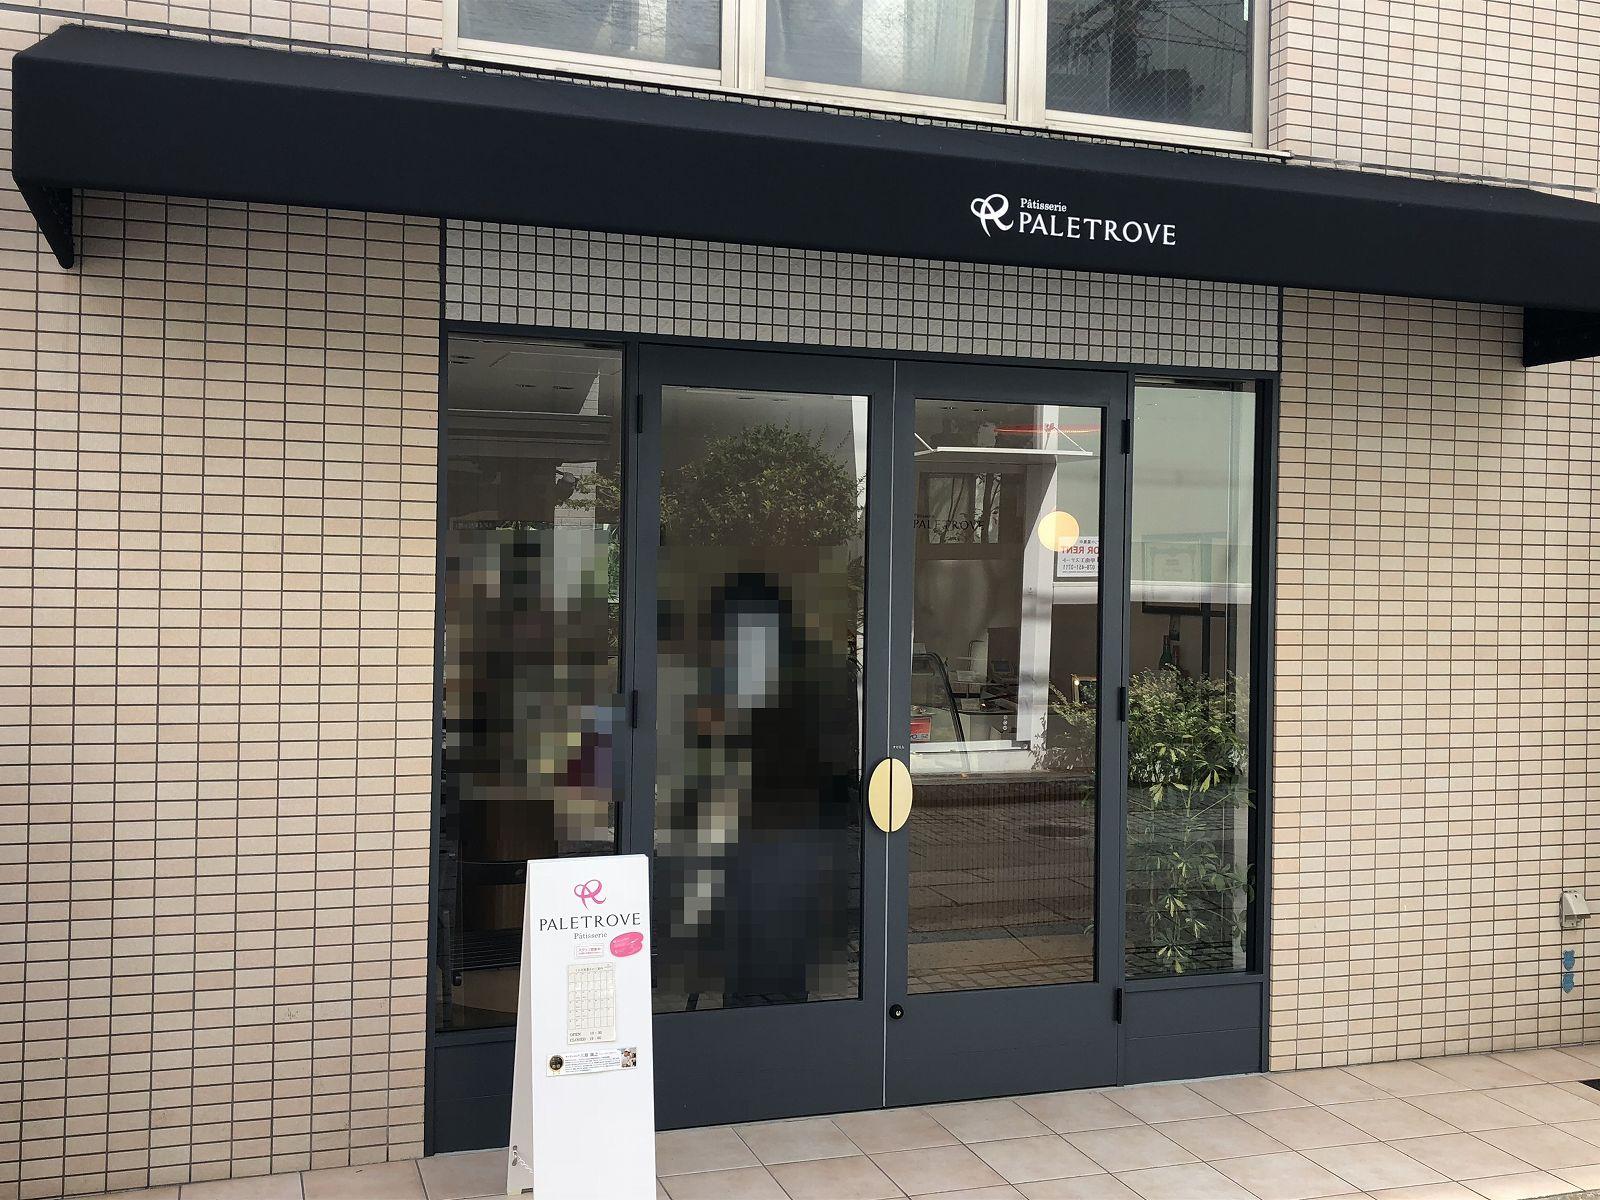 神戸・岡本に2018年8月「パティスリーパレットローヴ」がオープンしたよ! #神戸岡本 #新規オープン #スイーツ